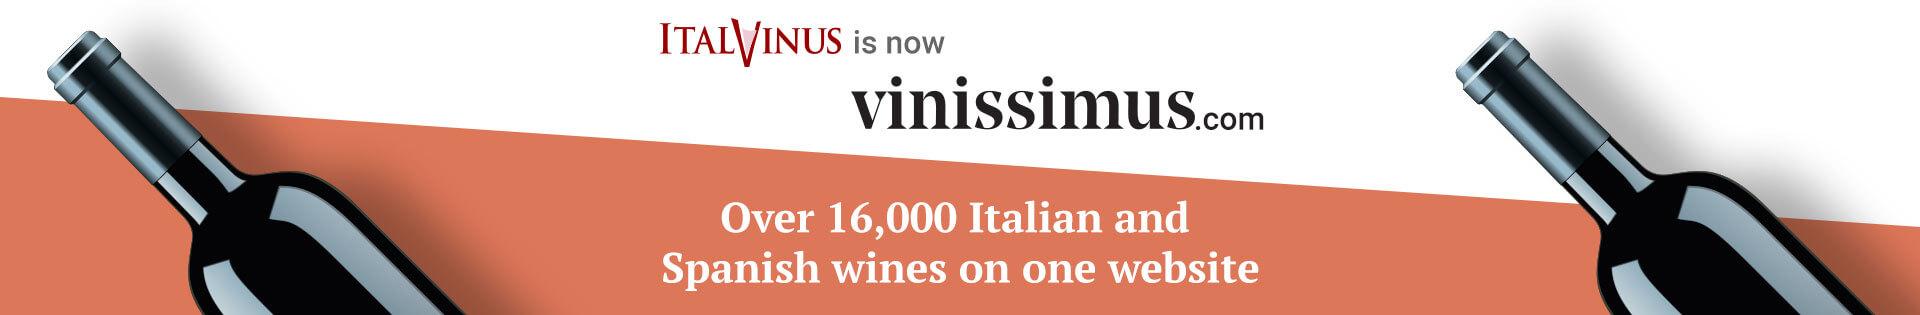 Italvinus is now Vinissimus.com